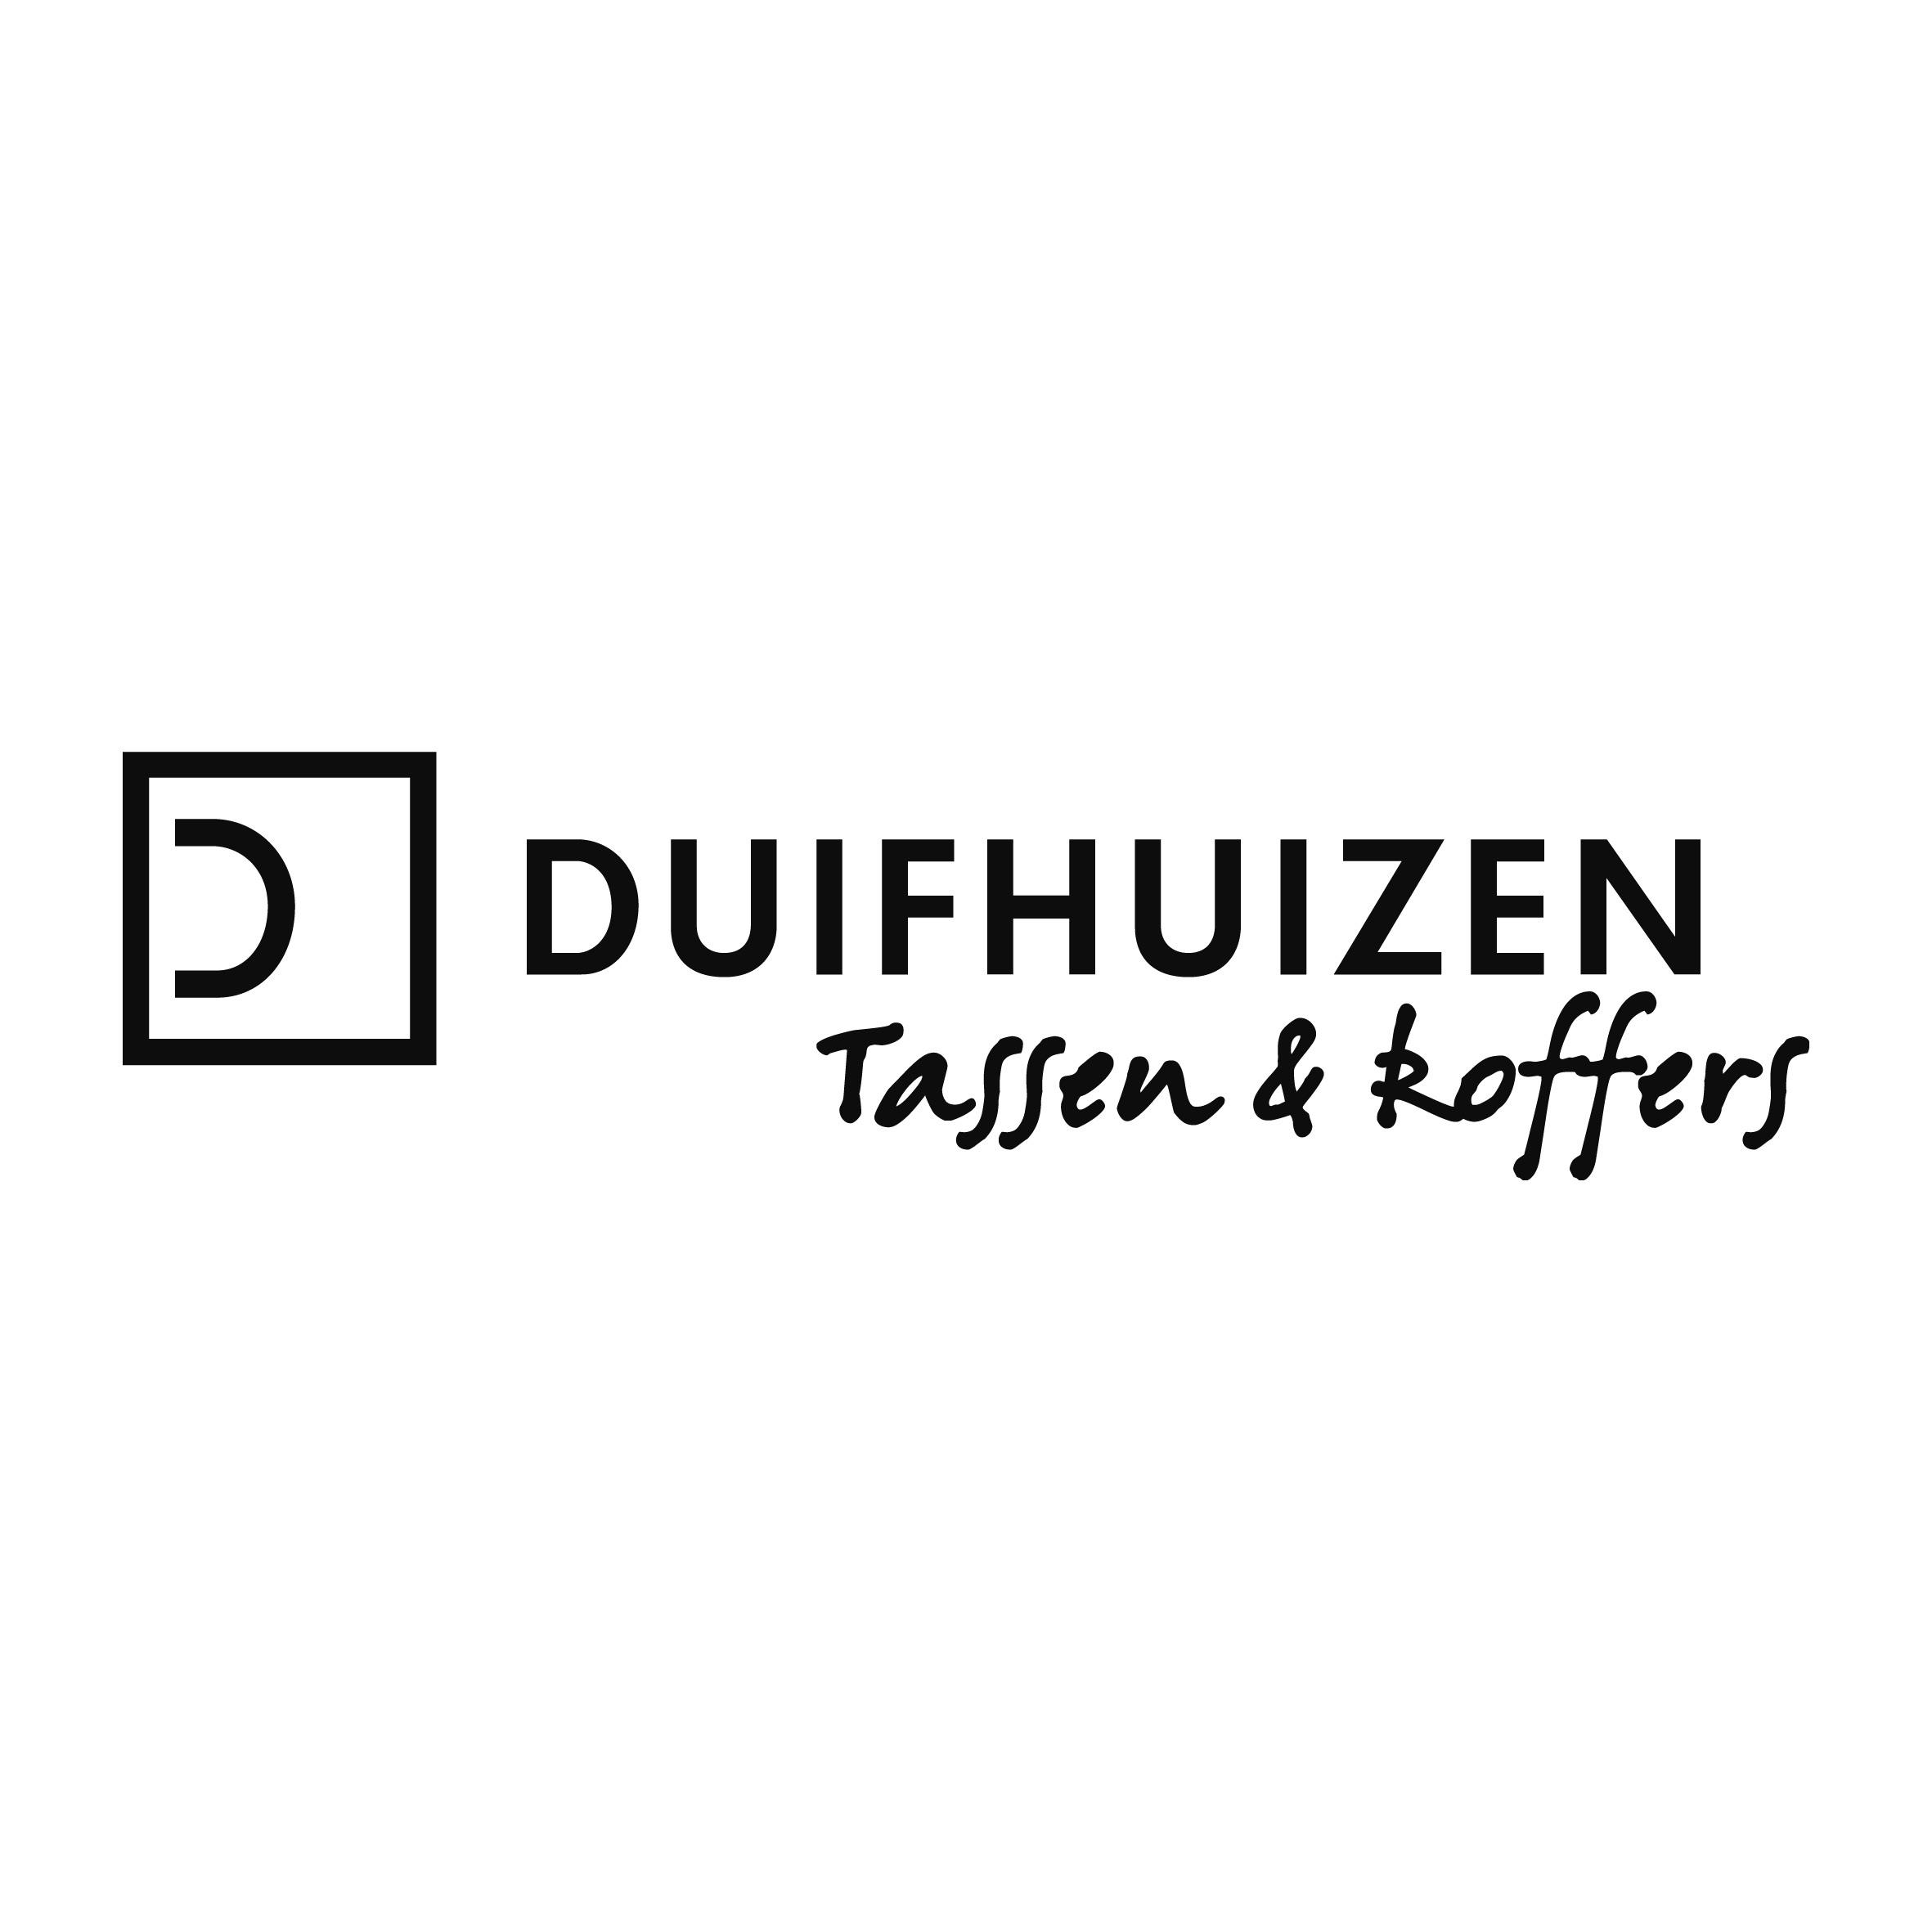 Koffers Duifhuizen Duifhuizen Tassen En Vacatures qzVUMpSG